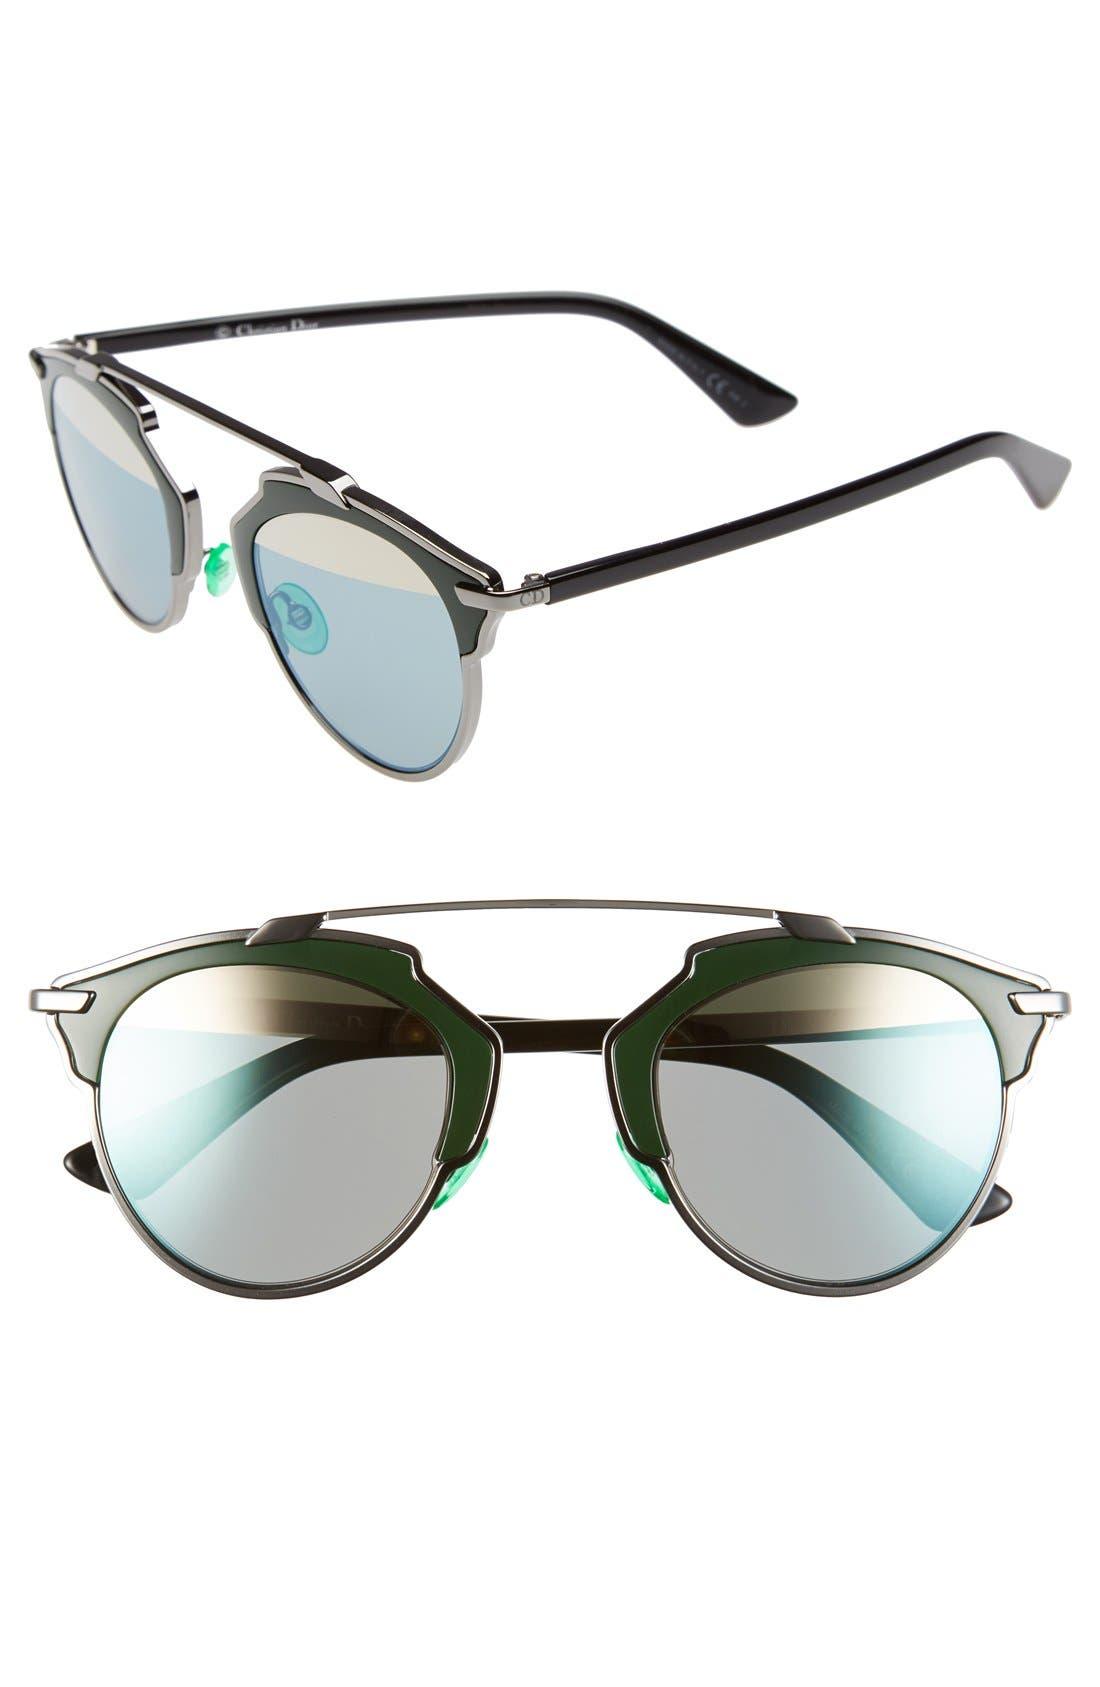 So Real 48mm Brow Bar Sunglasses,                             Main thumbnail 1, color,